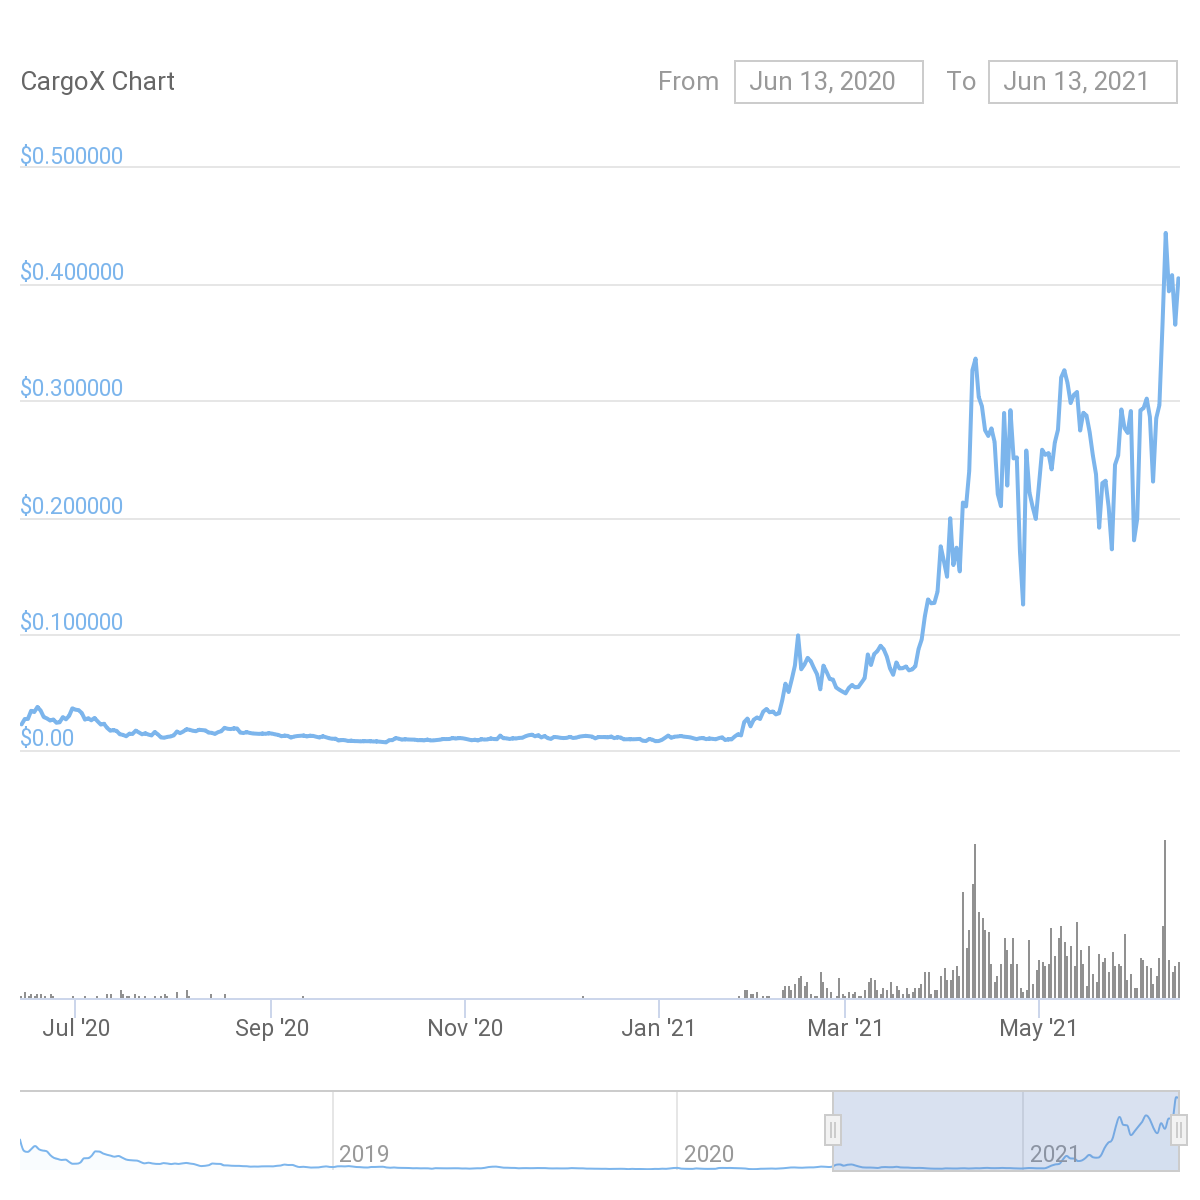 CargoX price chart